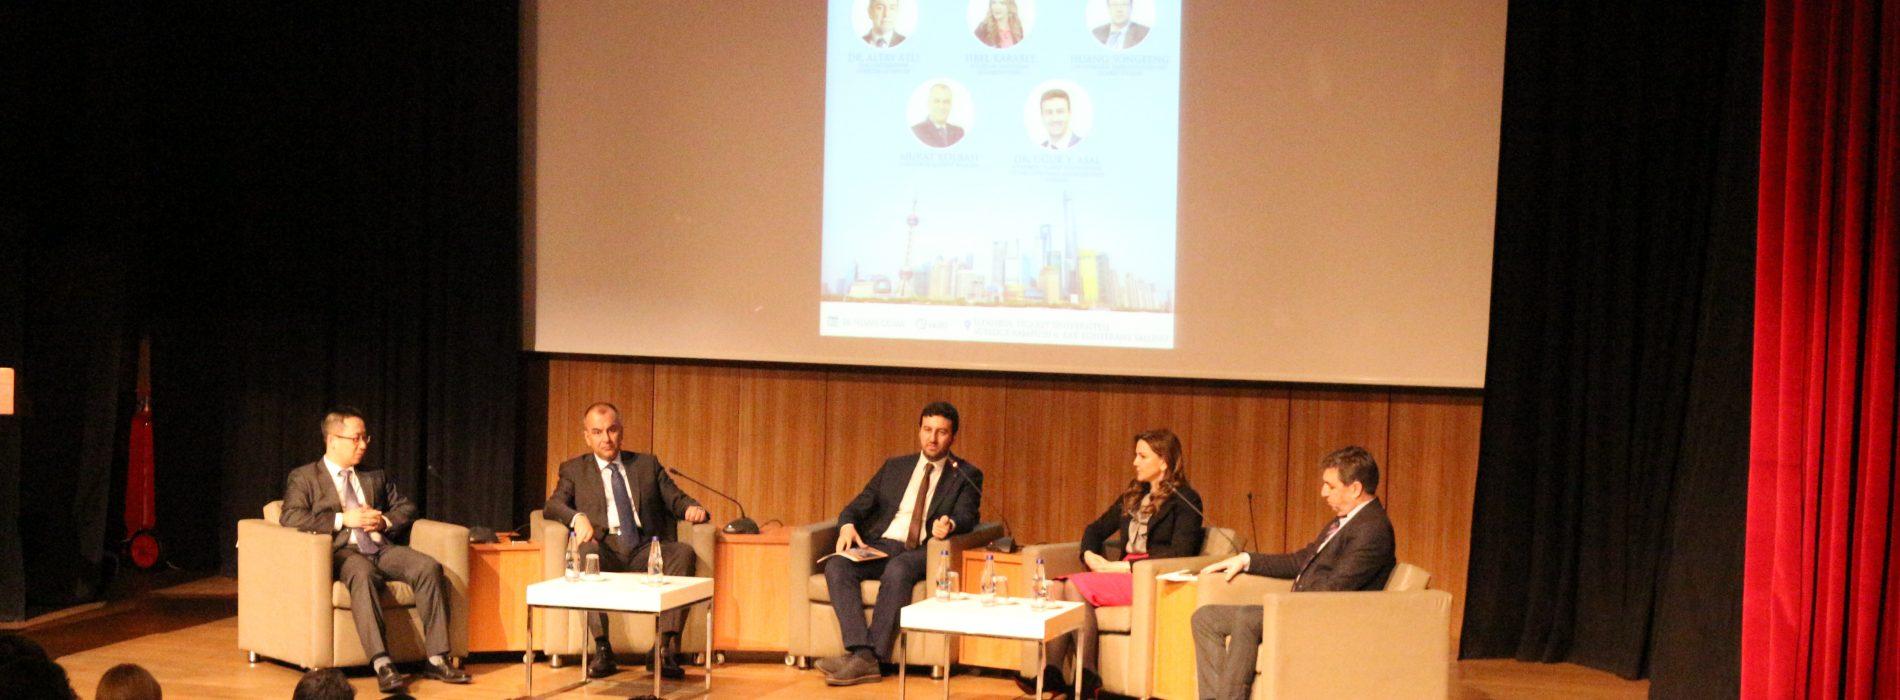 Çin-Türkiye Ekonomik ve Ticari İşbirliği Konferansı Gerçekleşti